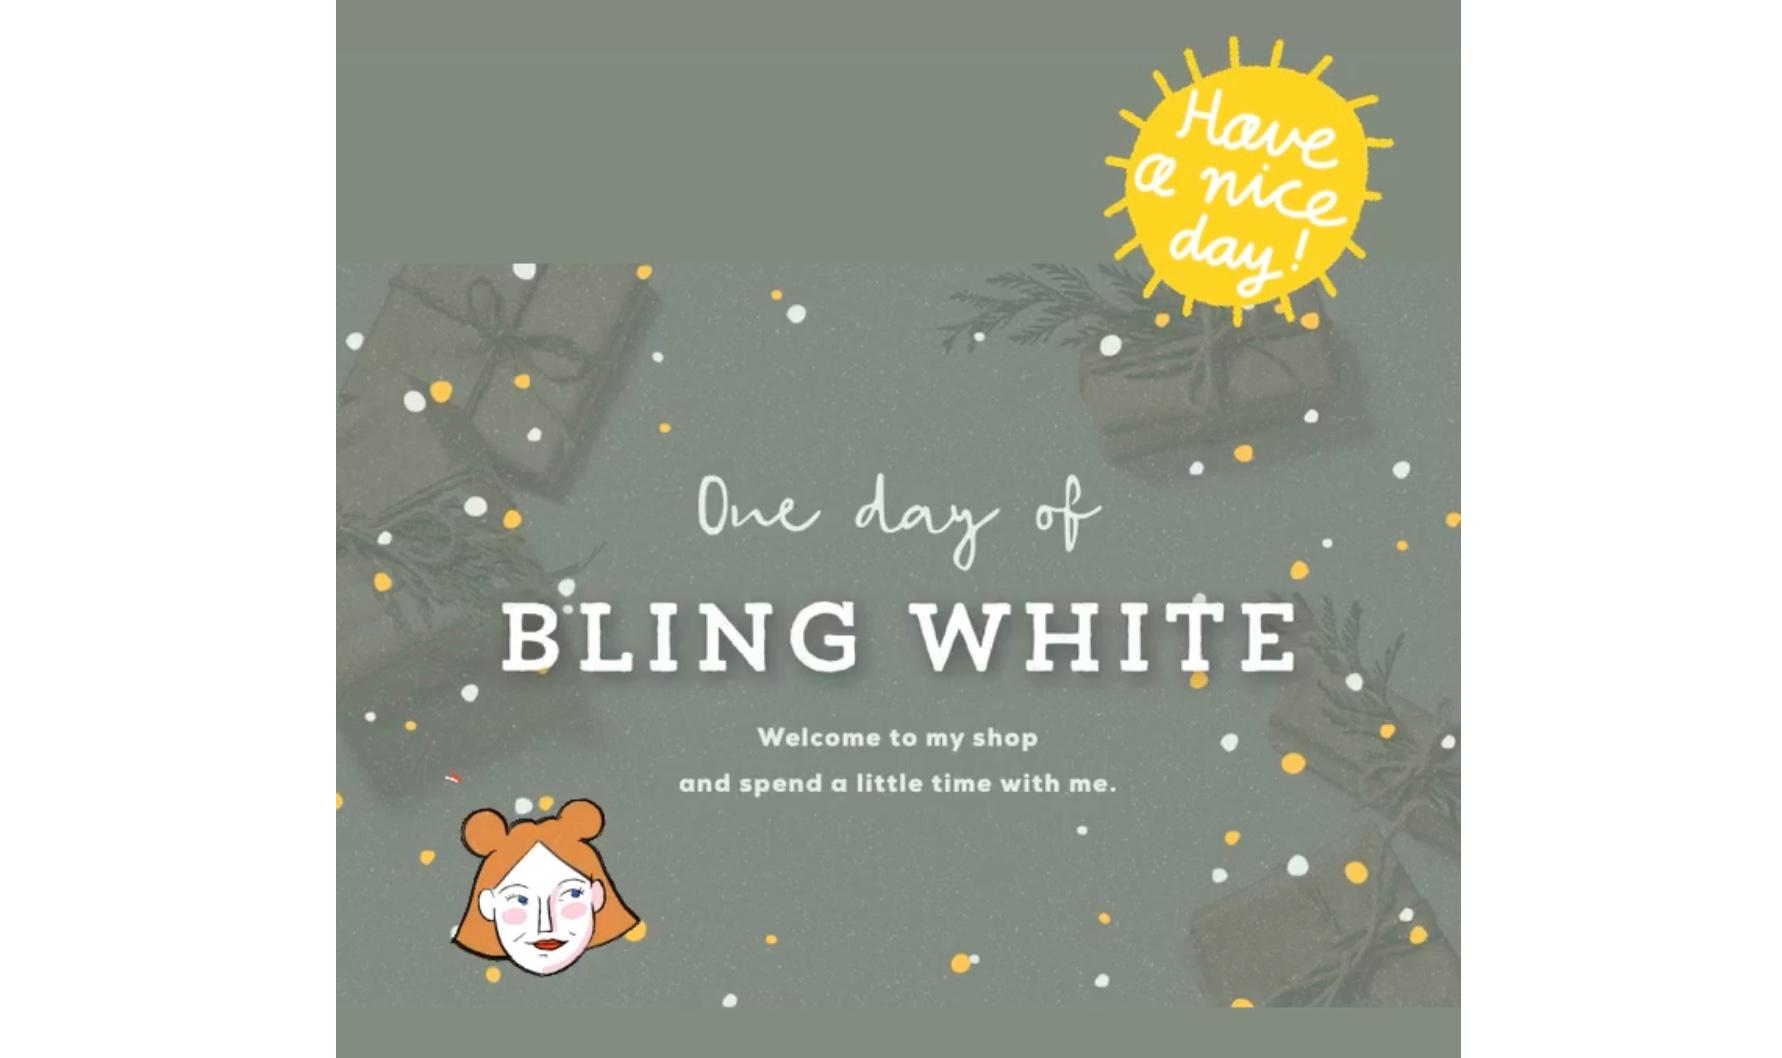 BLING WHITE一日の始まり♪